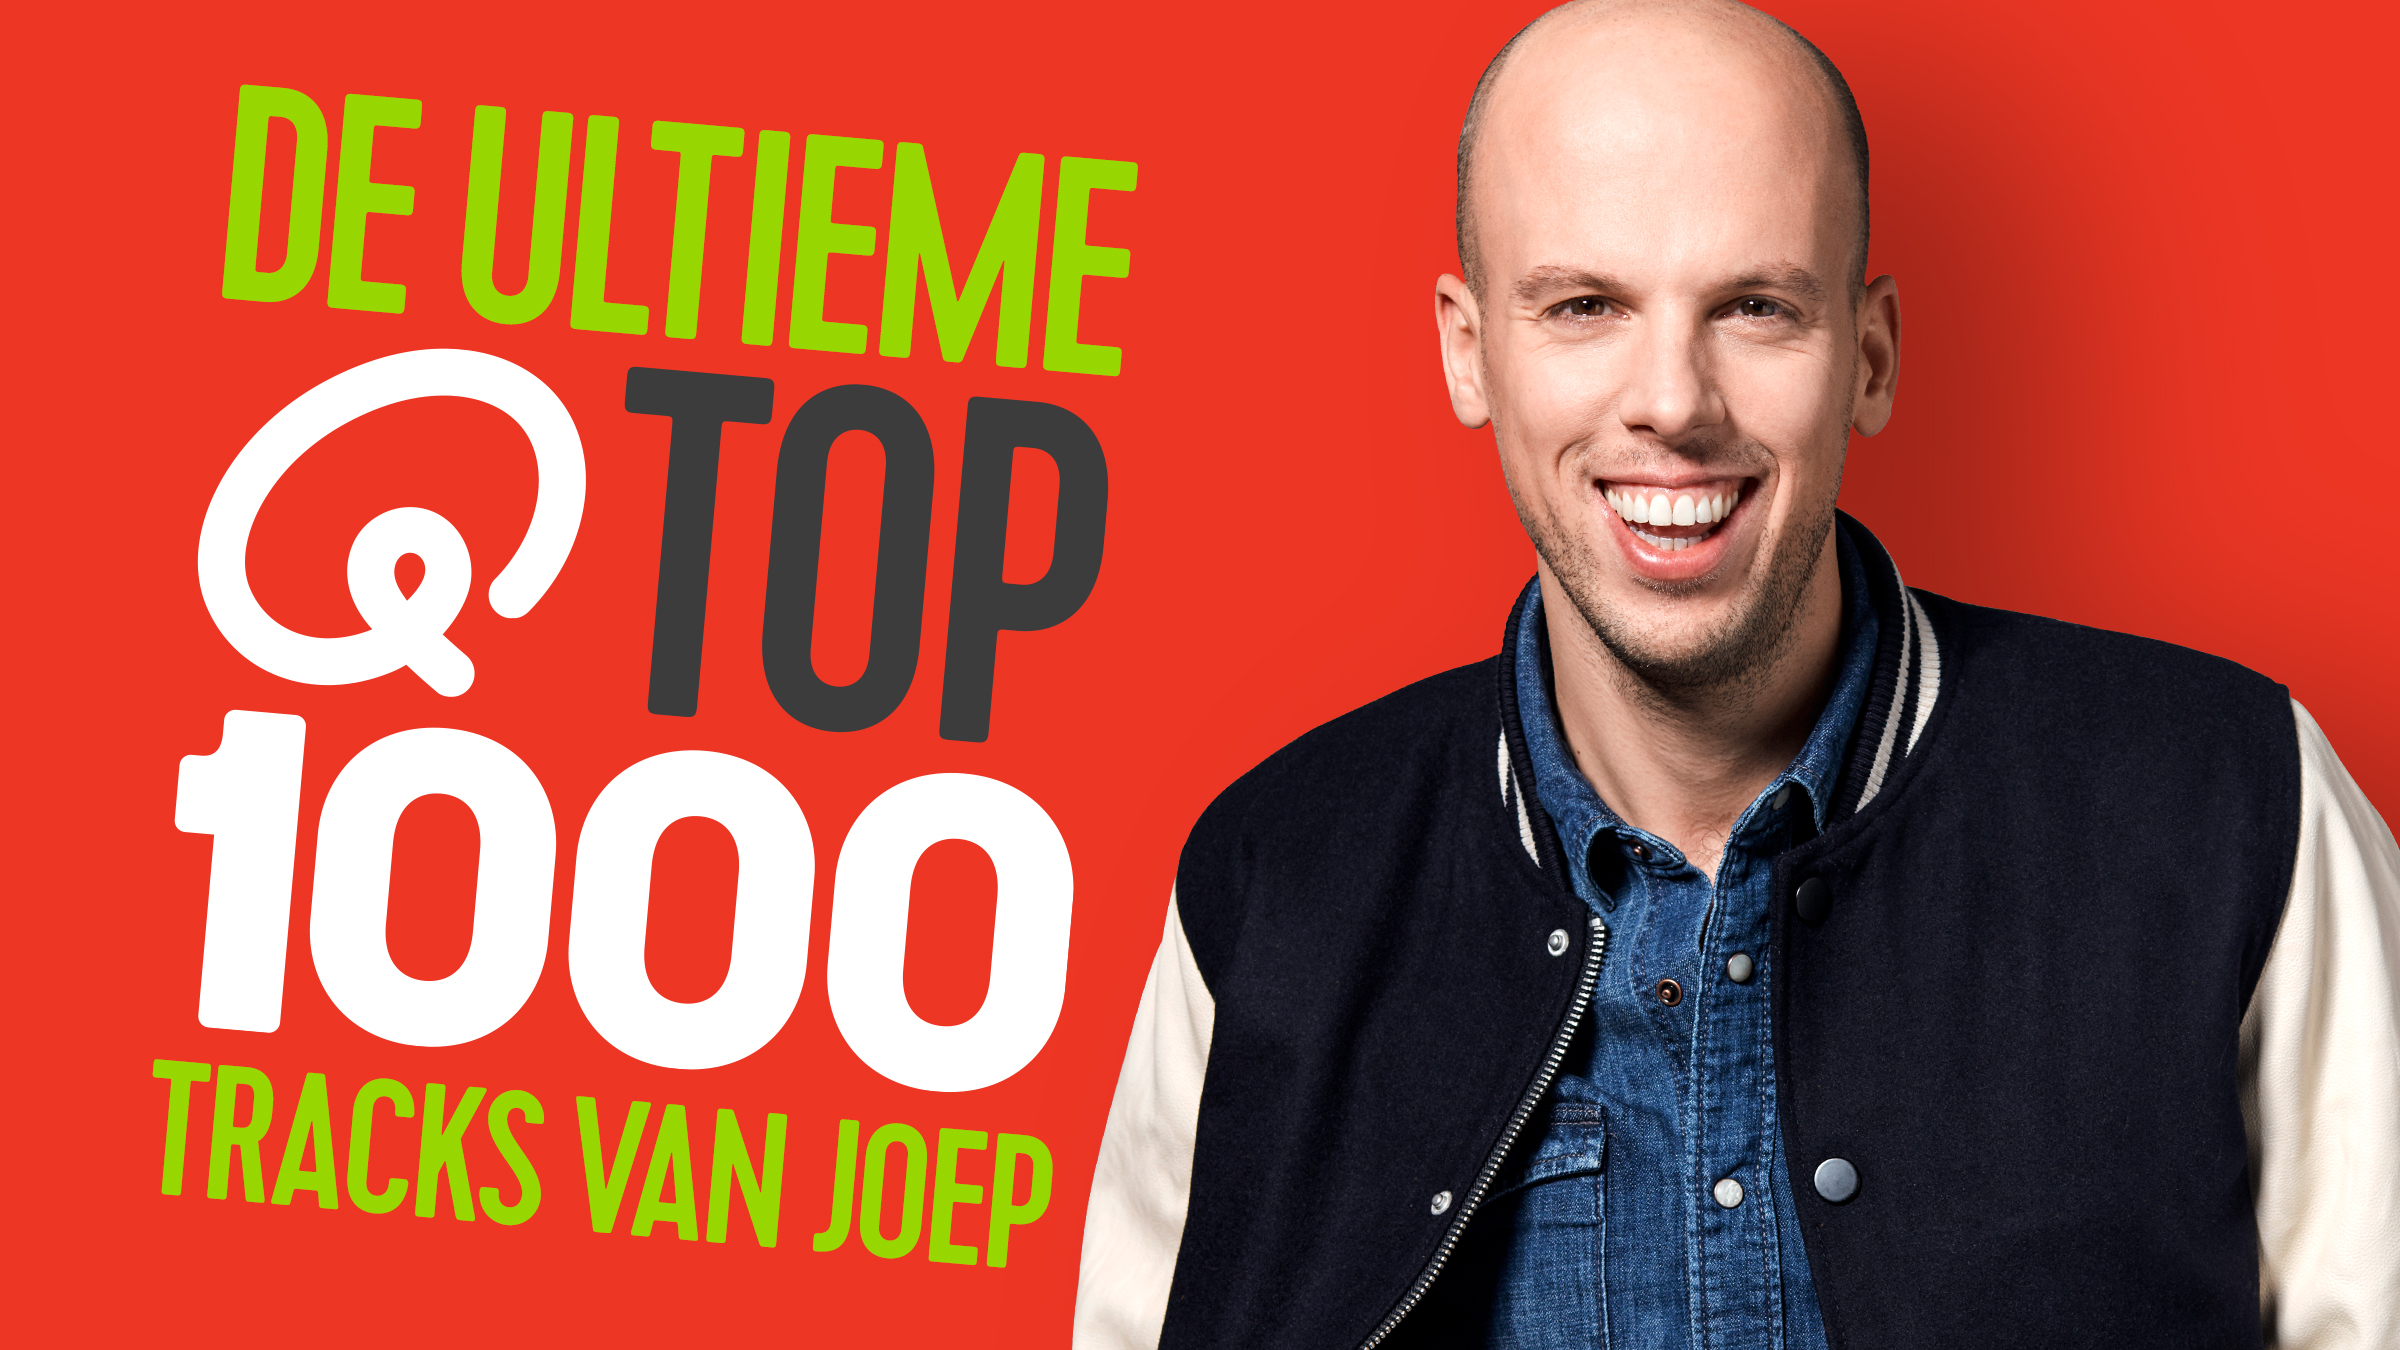 Qmusic teaser qtop1000 dj joep